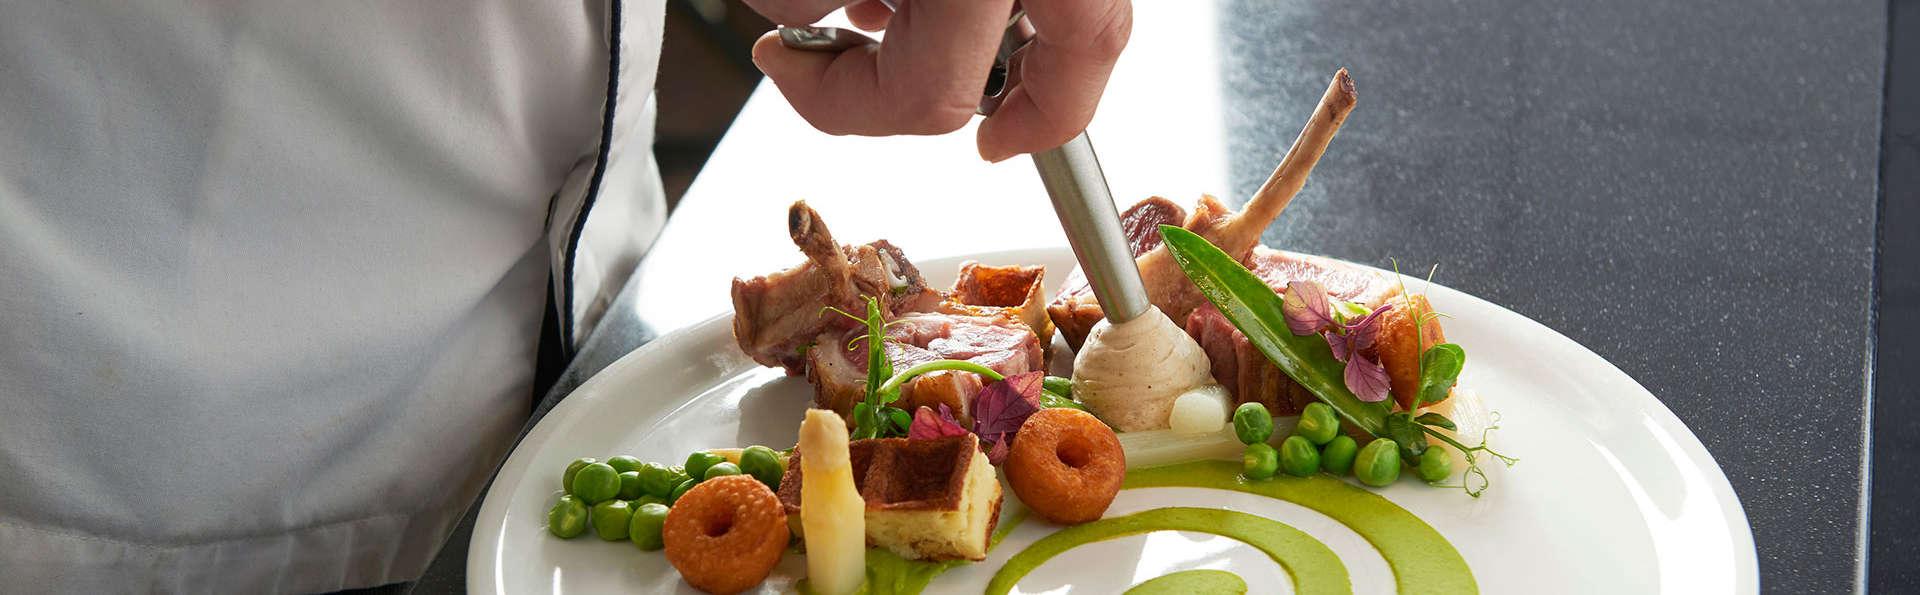 Savourez des délices culinaires et faites-vous dorloter dans le bien-être au Thermae 2000